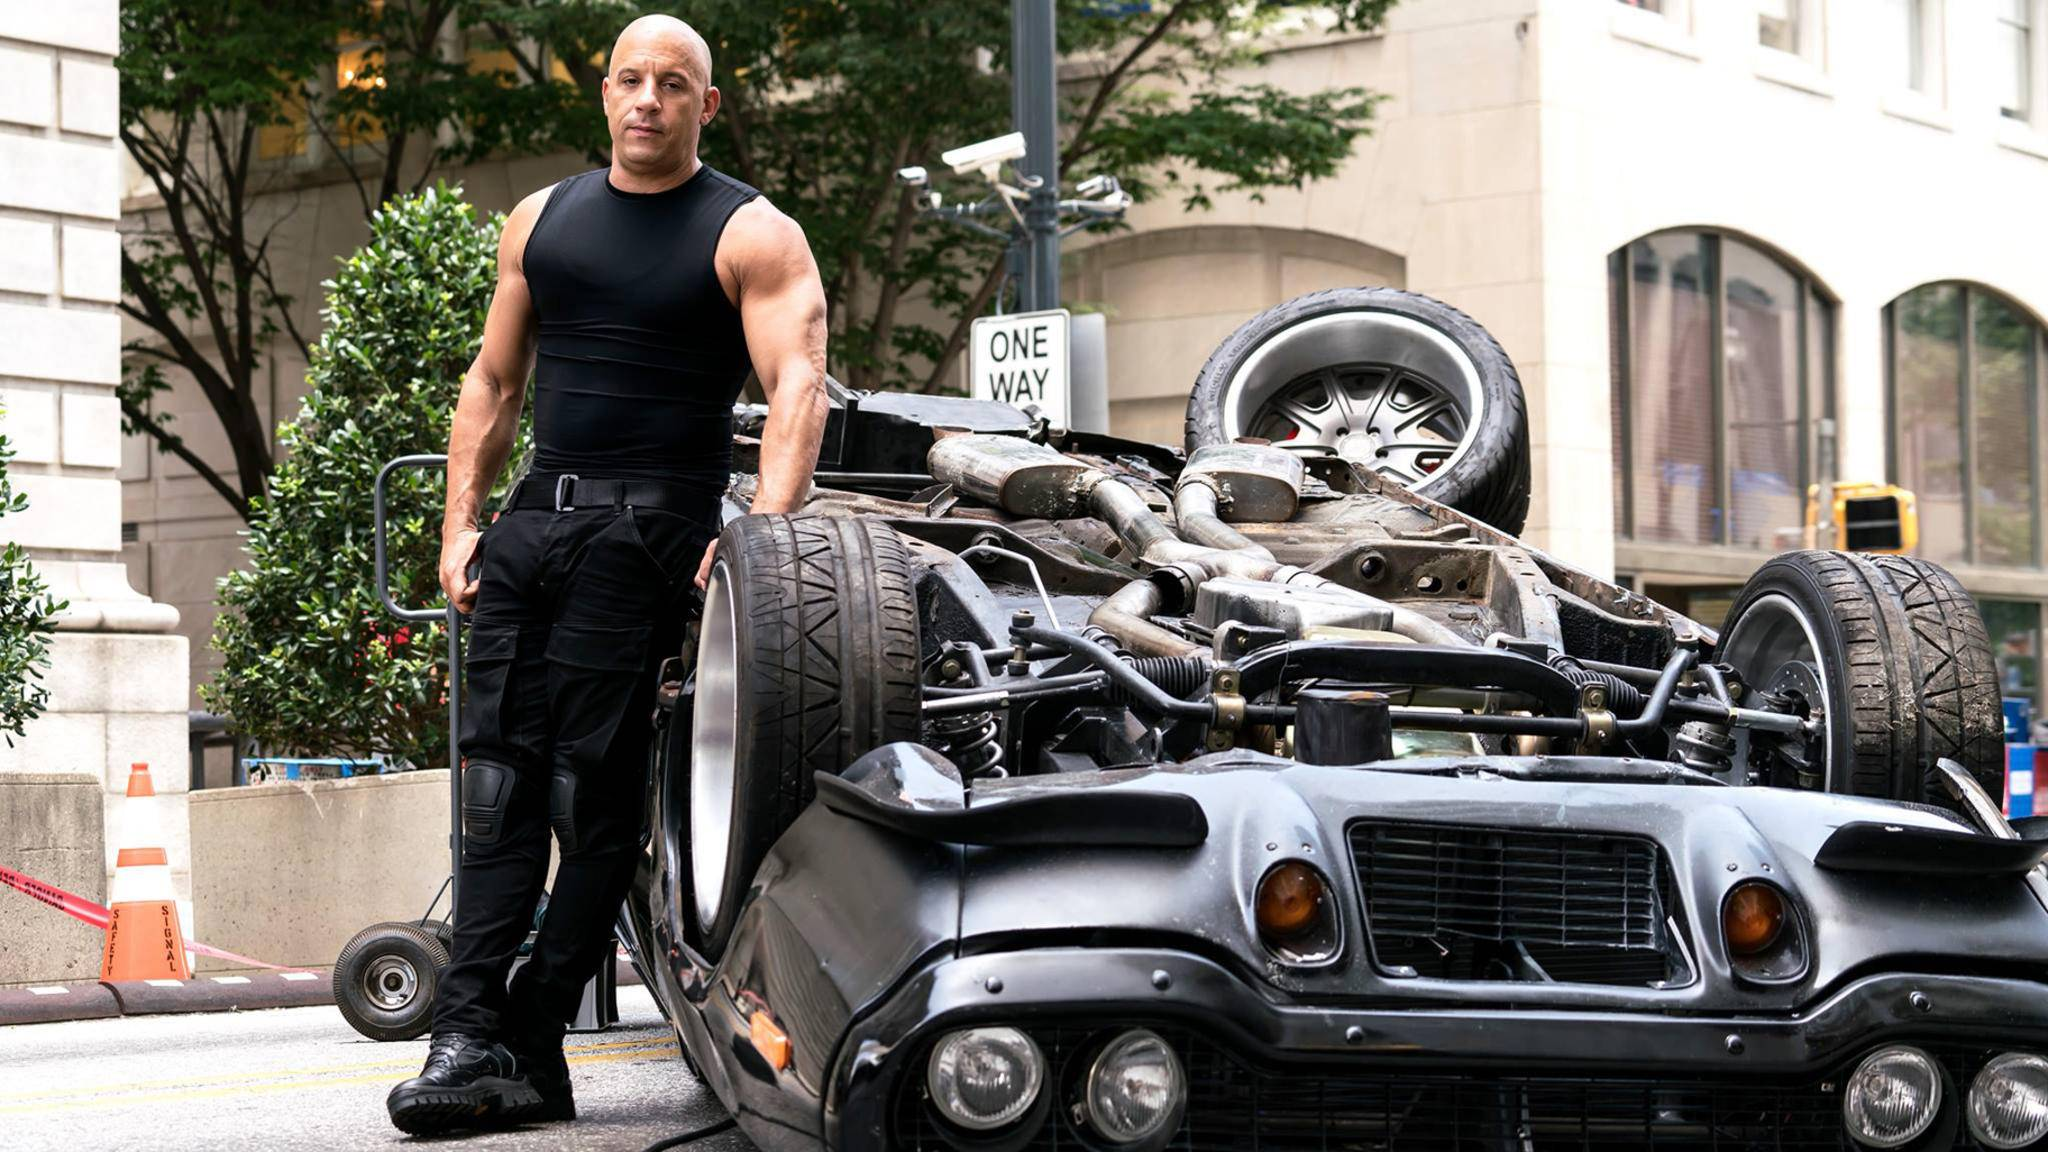 Wo Vin Diesel auftaucht, kann man in der Regel mit jeder Menge Action rechnen.